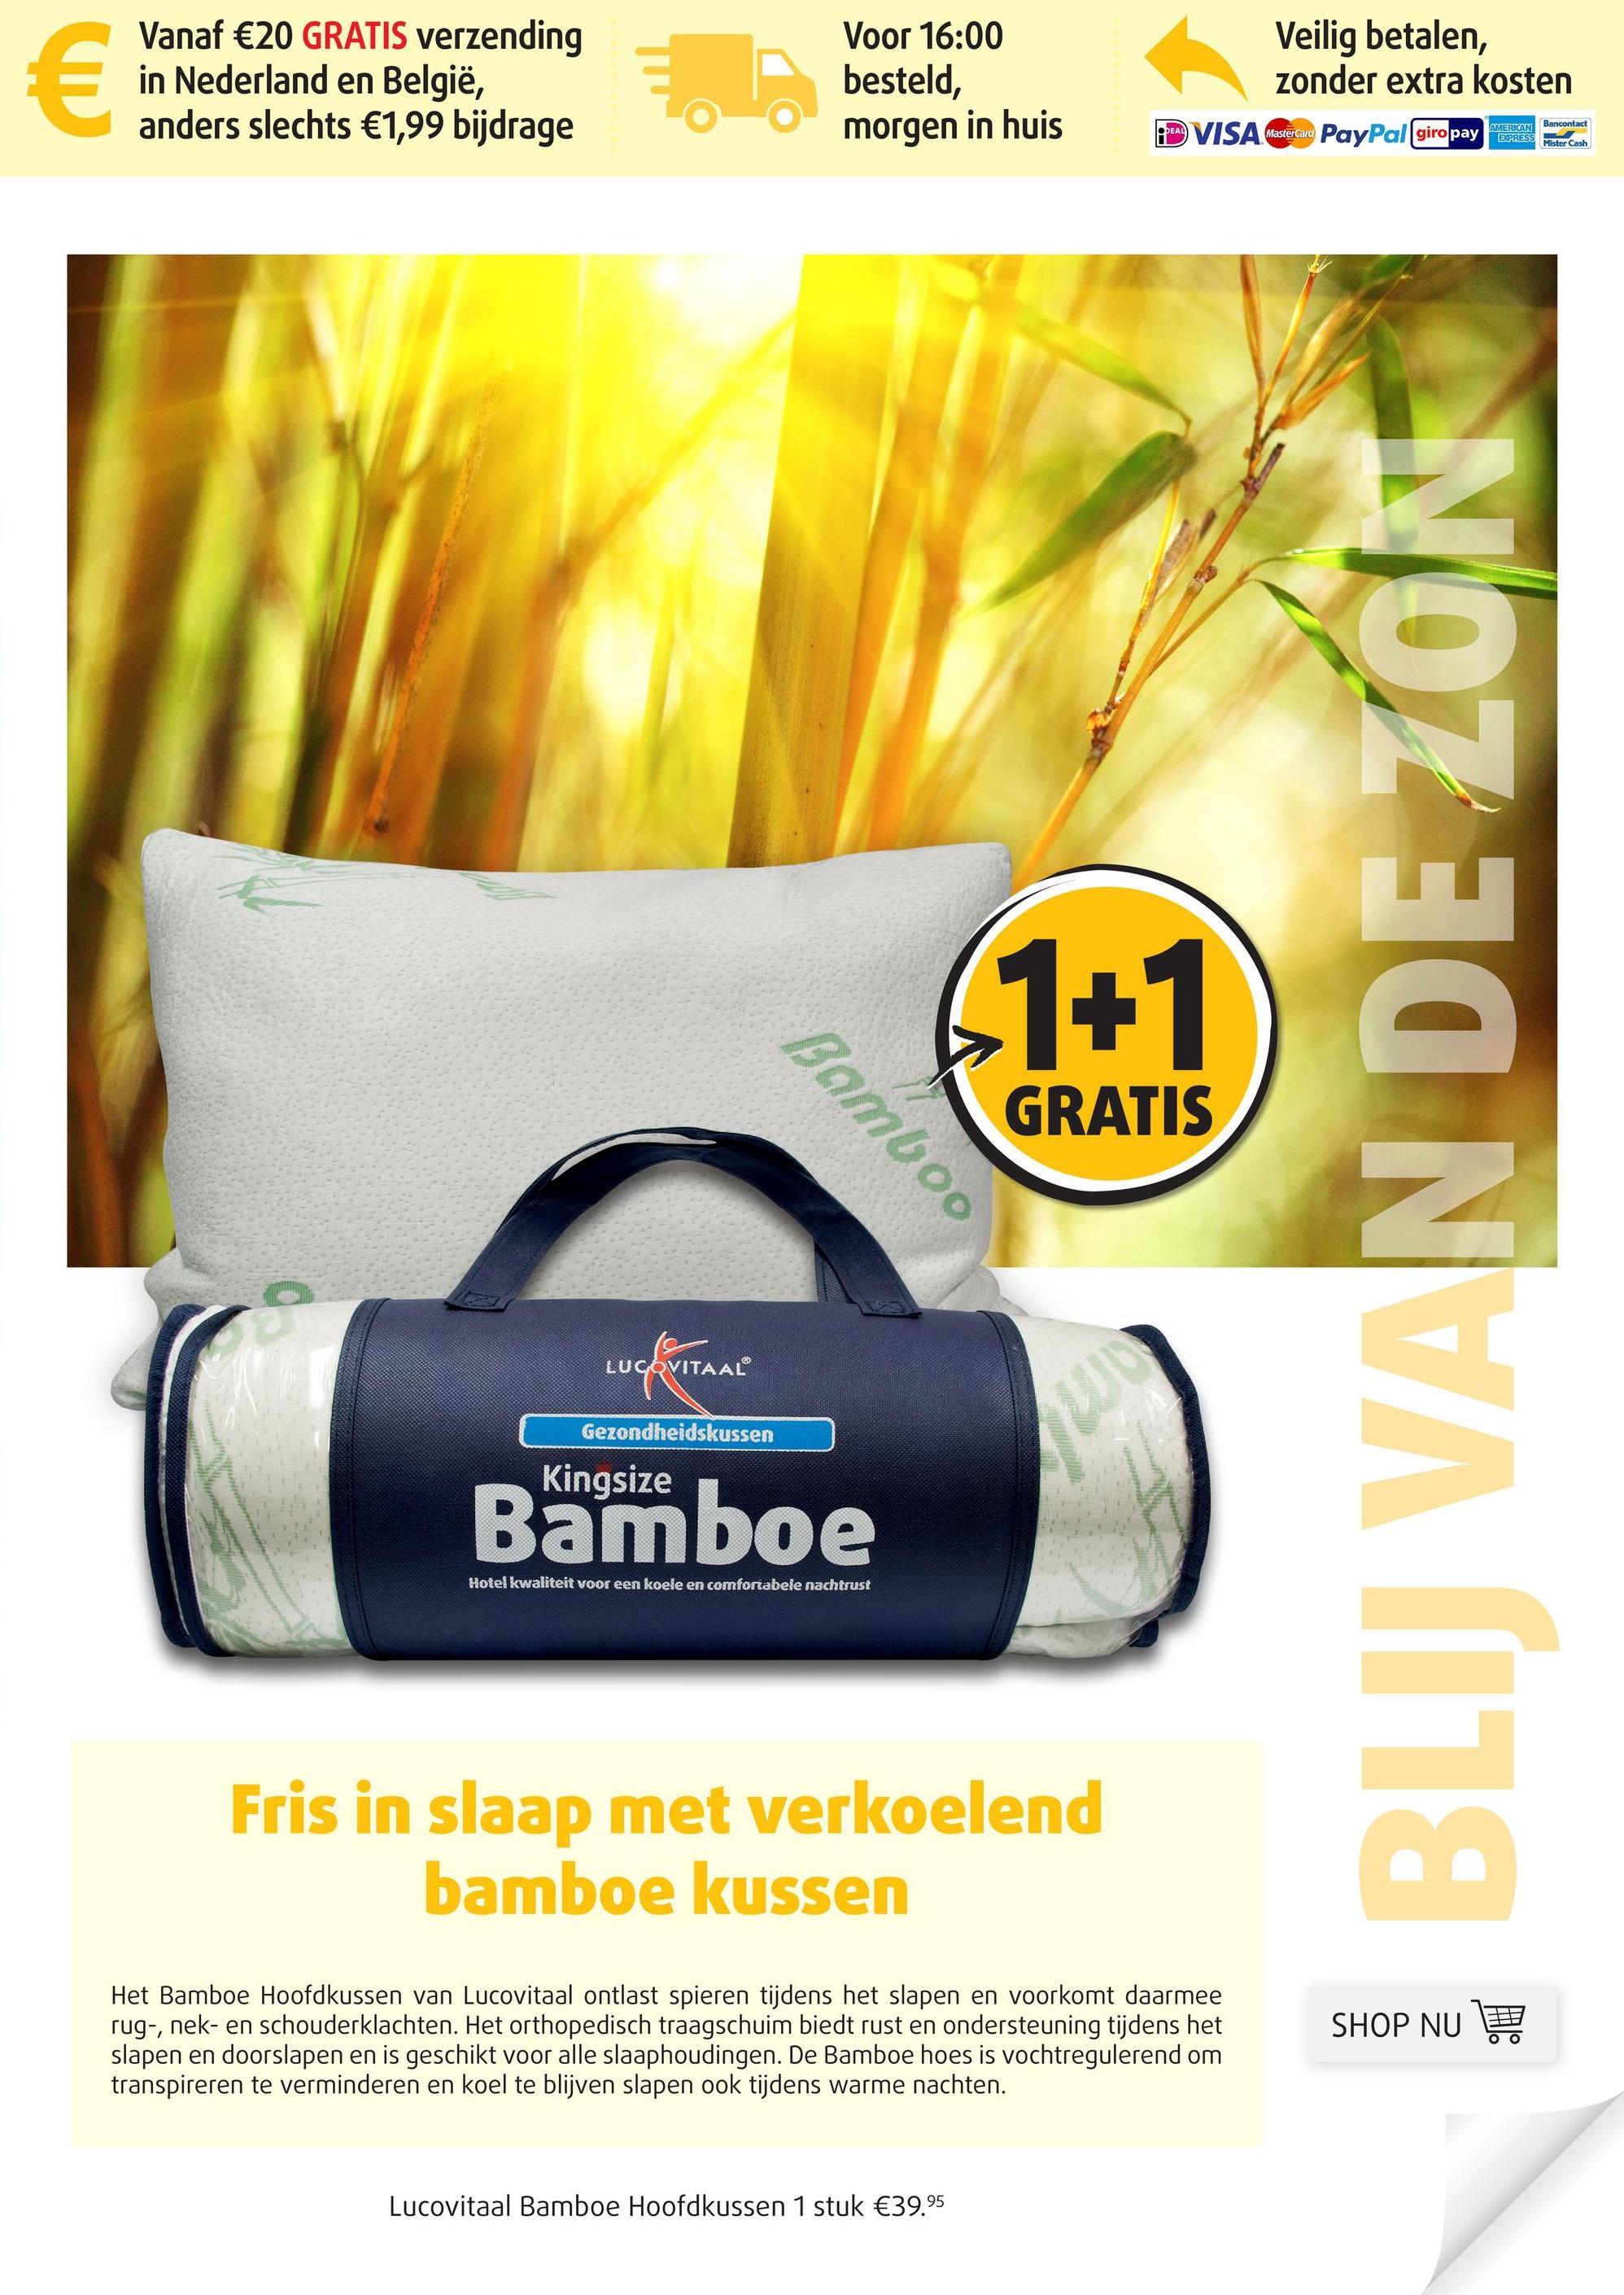 Vanaf €20 GRATIS verzending in Nederland en België, anders slechts €1,99 bijdrage Voor 16:00 besteld, morgen in huis Veilig betalen, zonder extra kosten D VISA decat PayPal giropay at GRATIS Bamboo BLIJ VAN DE ZON LUCOVITAAL Gezondheidskussen Kingsize Bamboe Hotel kwaliteit voor een koele en comfortabele nachtrust Fris in slaap met verkoelend bamboe kussen Het Bamboe Hoofdkussen van Lucovitaal ontlast spieren tijdens het slapen en voorkomt daarmee rug-, nek- en schouderklachten. Het orthopedisch traagschuim biedt rust en ondersteuning tijdens het slapen en doorslapen en is geschikt voor alle slaaphoudingen. De Bamboe hoes is vochtregulerend om transpireren te verminderen en koel te blijven slapen ook tijdens warme nachten. SHOP NU 1 Lucovitaal Bamboe Hoofdkussen 1 stuk €39.95